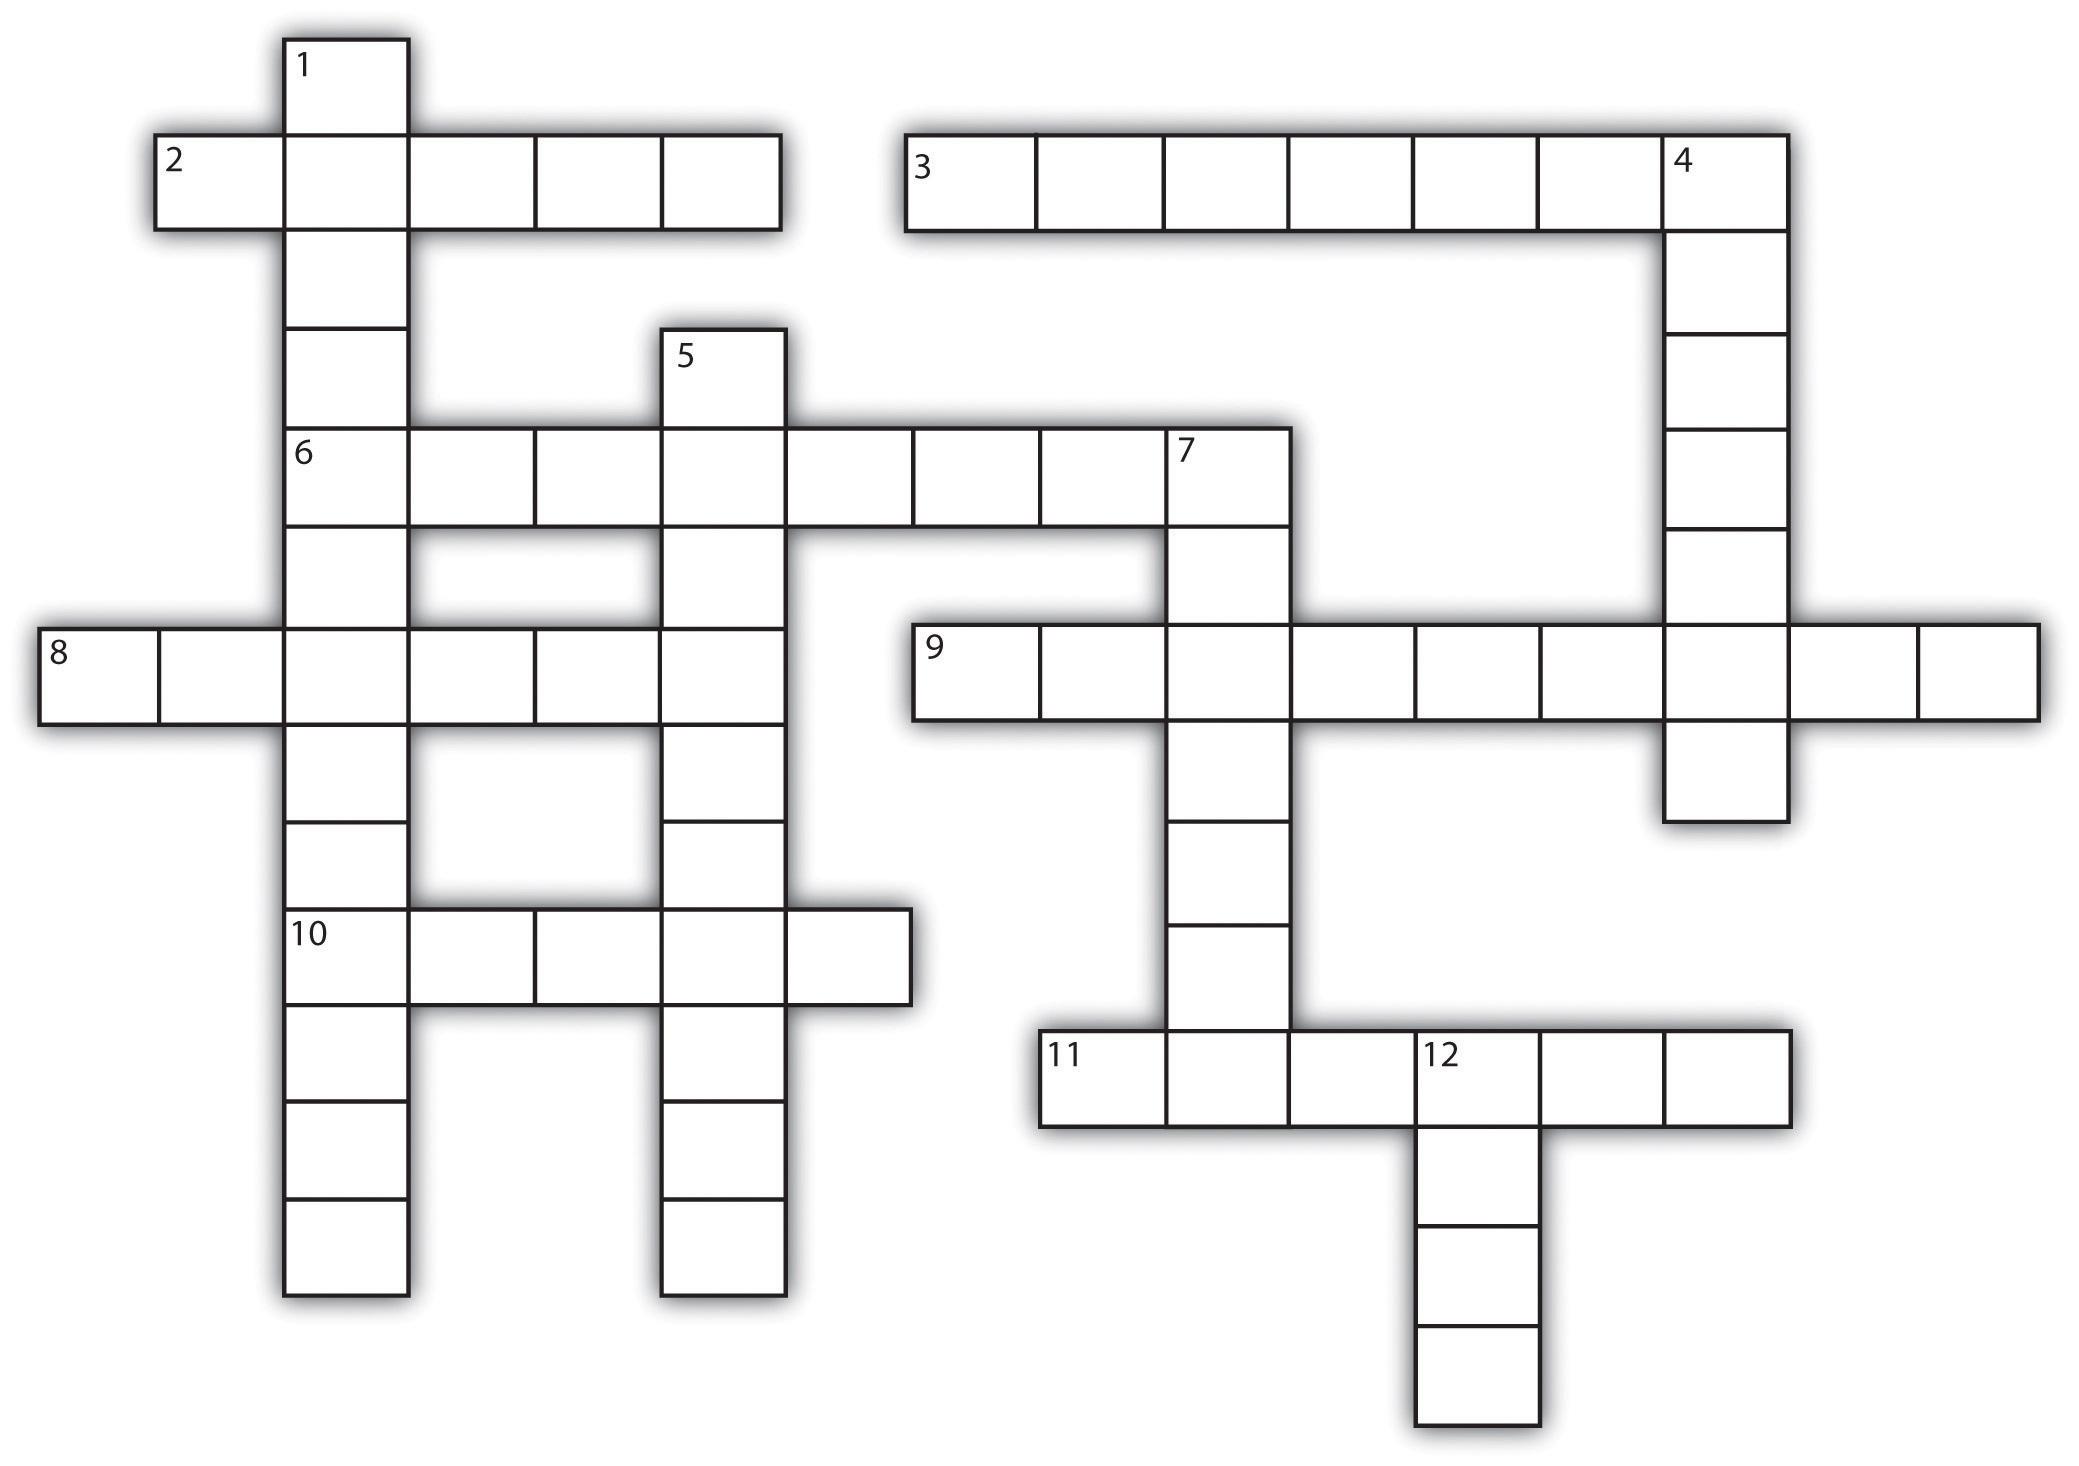 007 Essay Crossword Fascinating Byline Clue Short Puzzle Persuasive Full